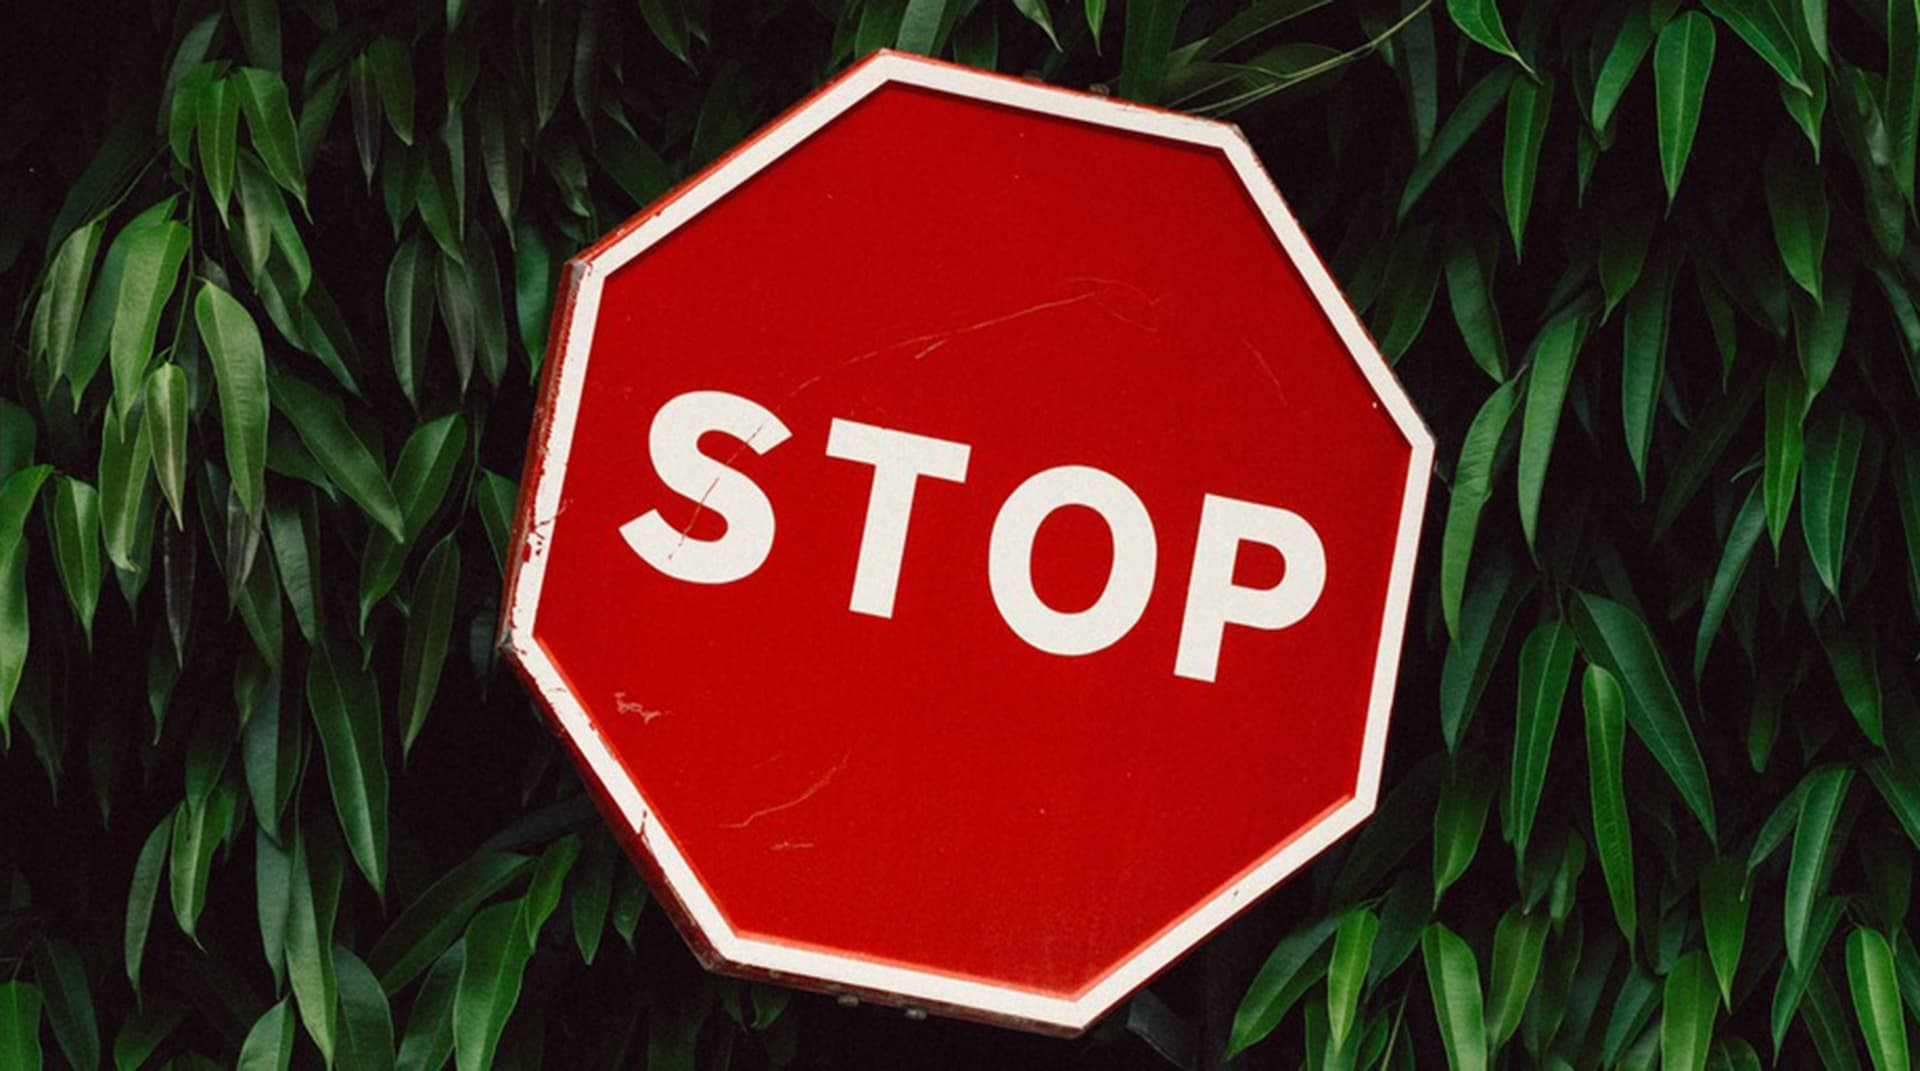 Билли Айлиш, Джоан Роулинг, Comment Out – как люди и компании справляются с культурой отмены